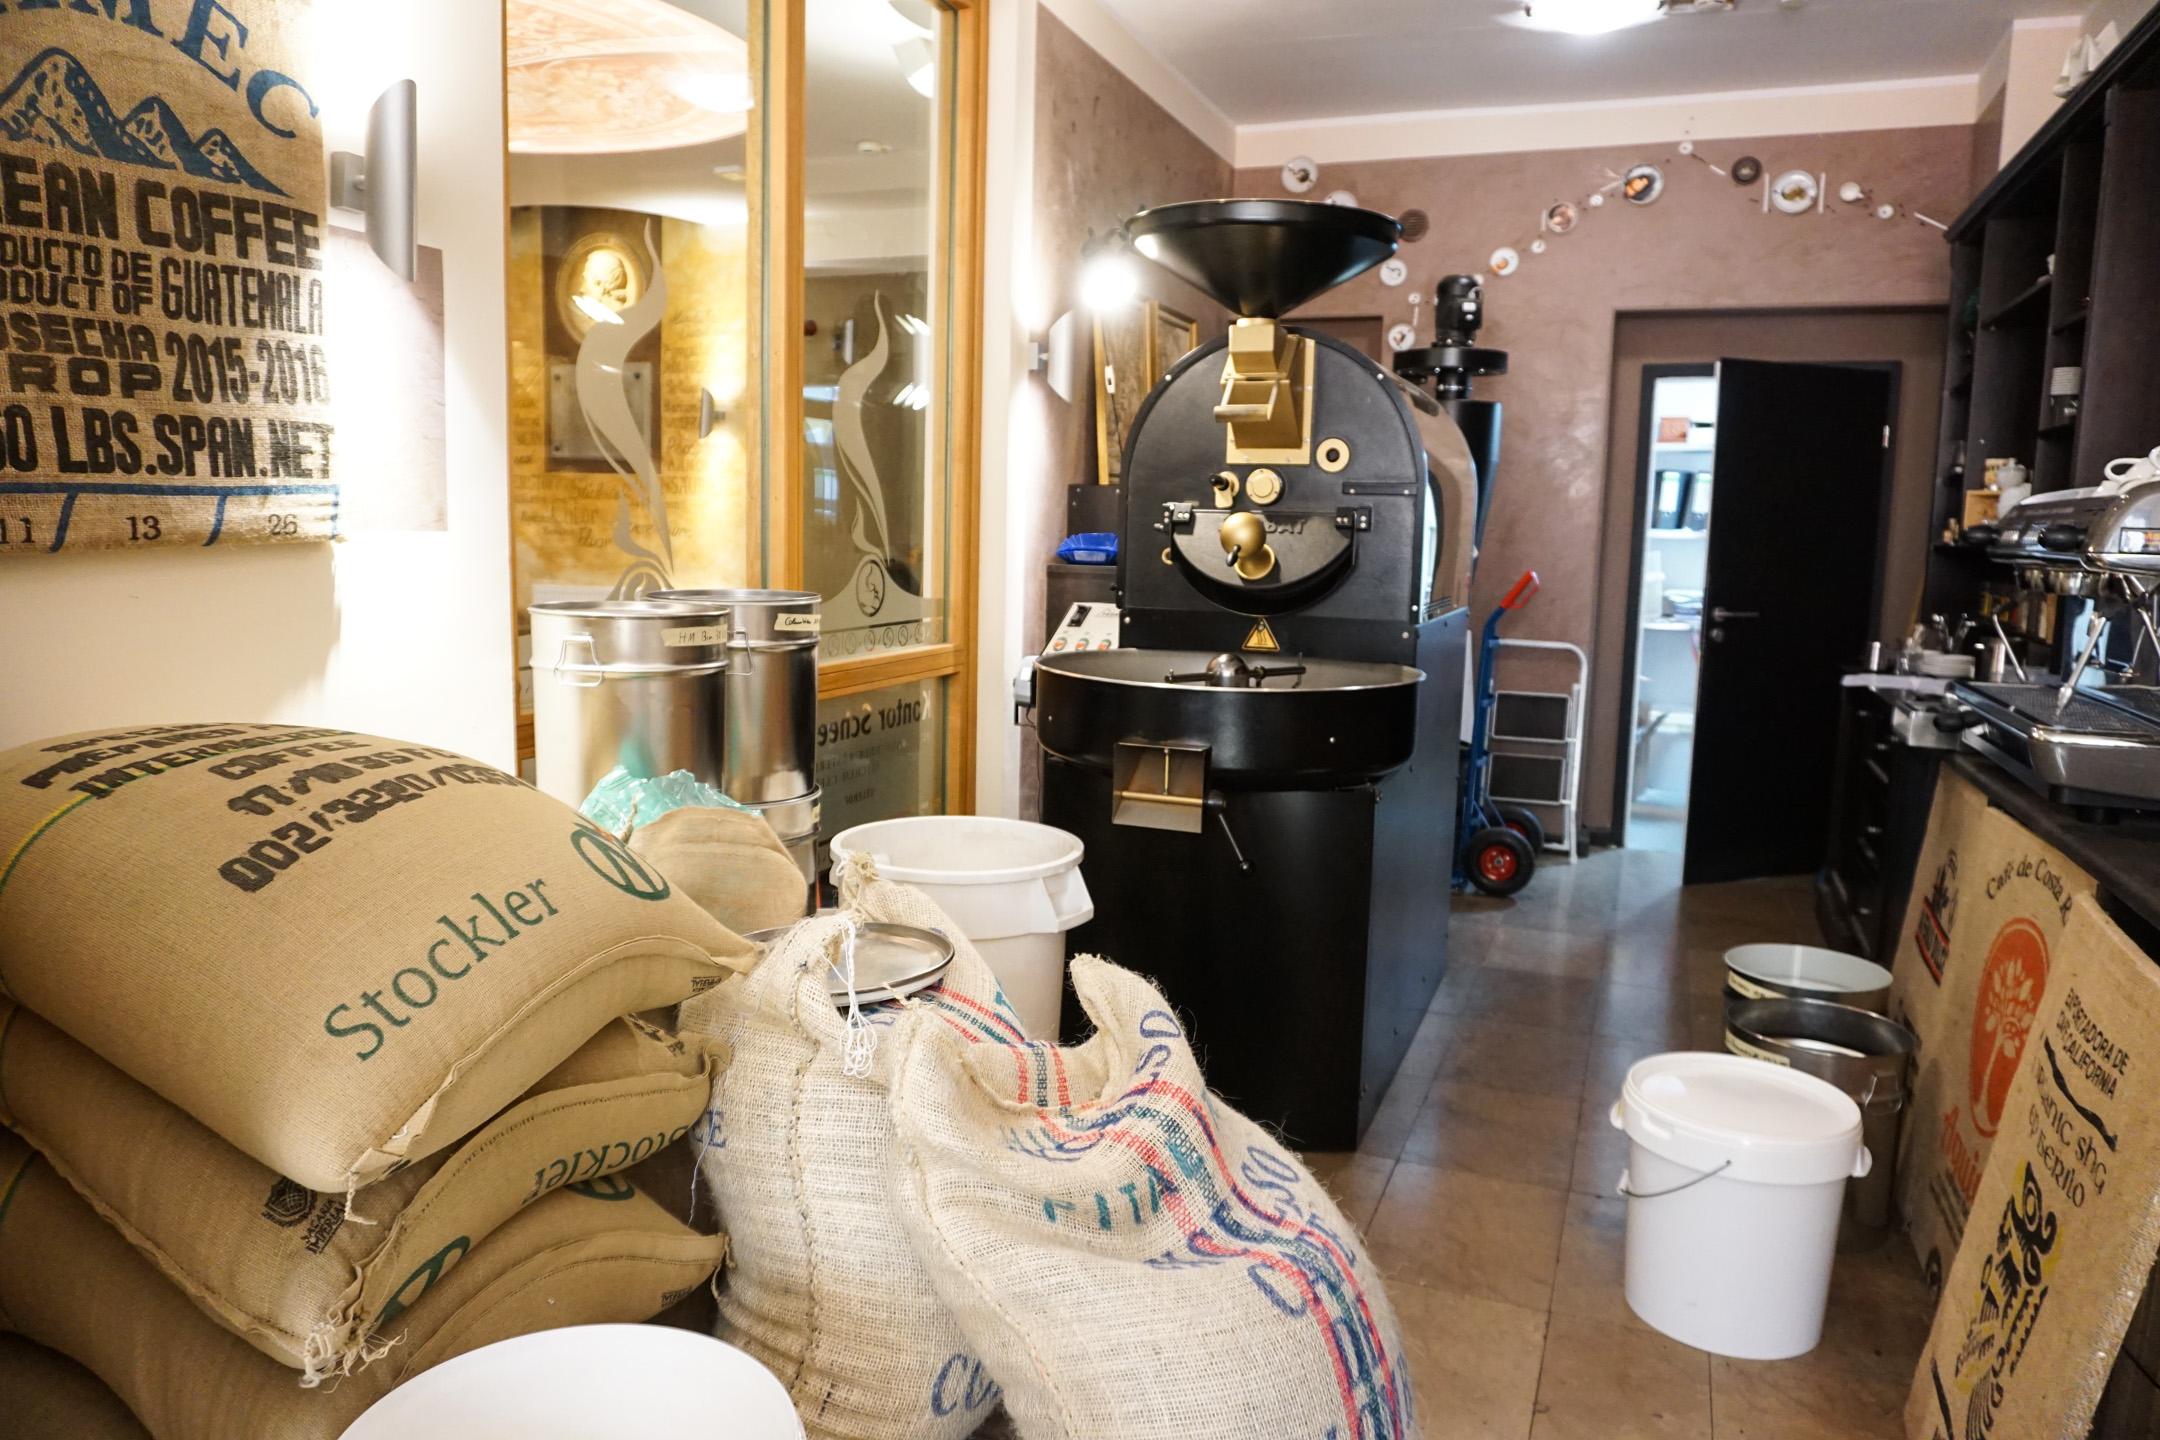 auszeit-ostsee-romantik-hotel-scheelehof-stralsund-travelblog-reiseblog-reisen-kaffeerösterei-kaffeeverkostung